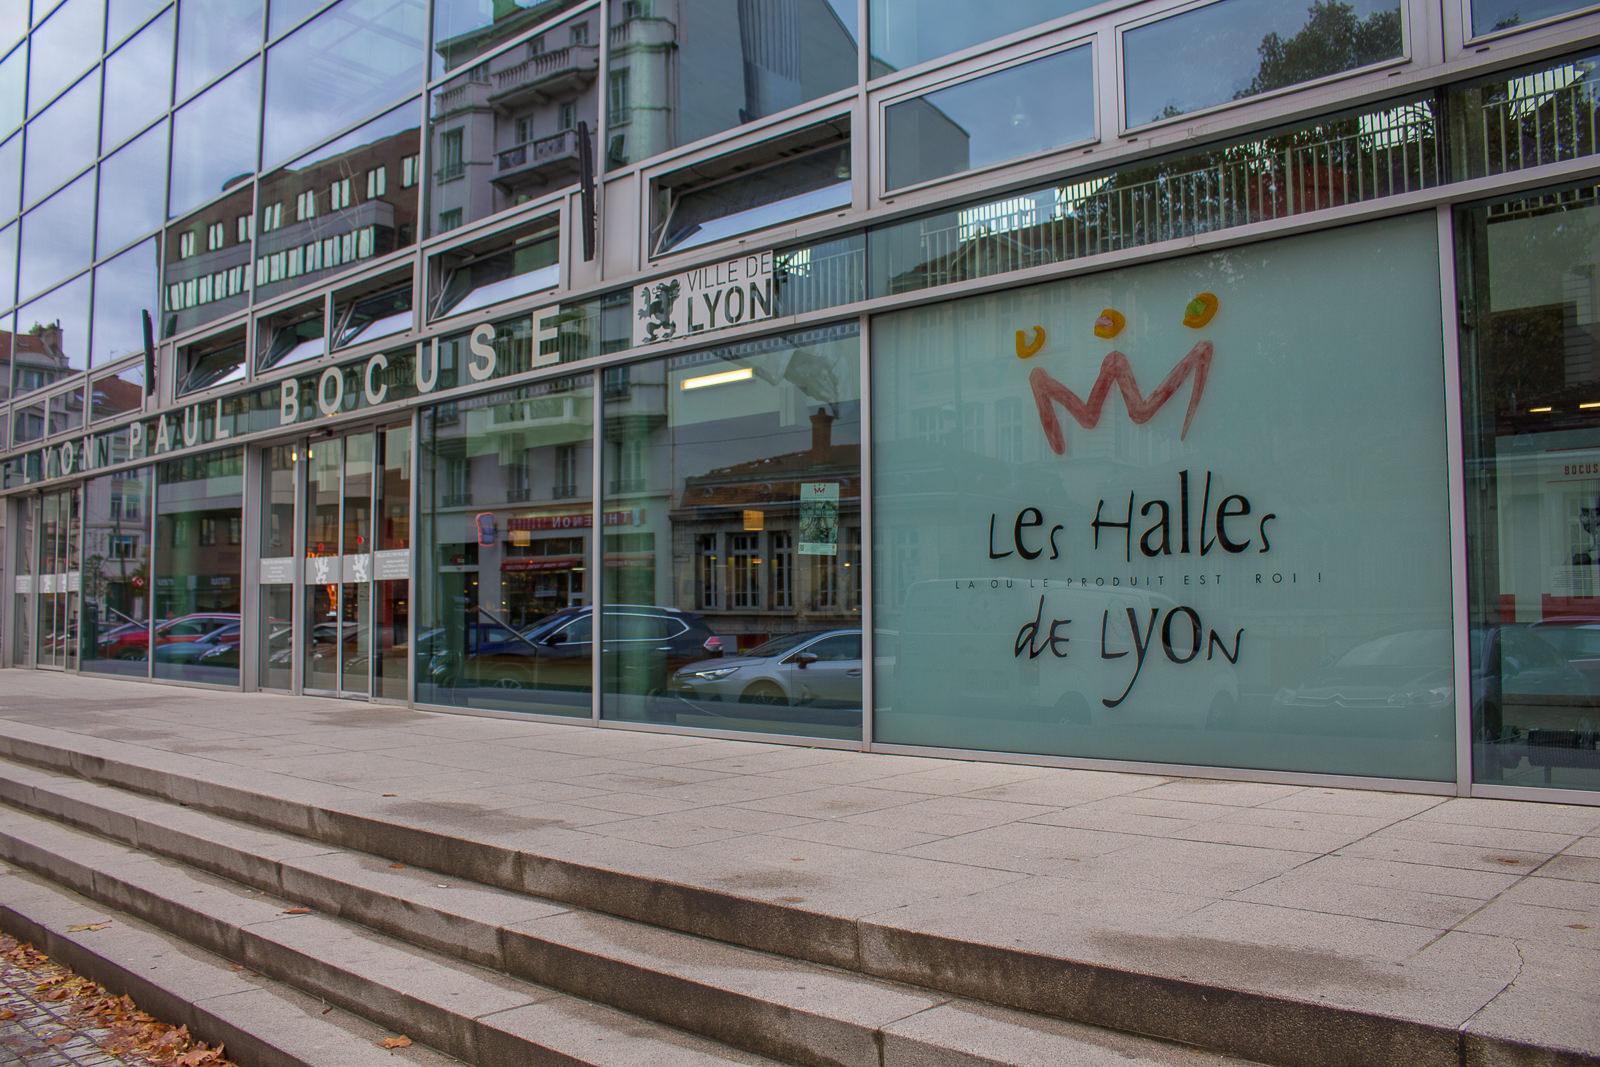 Les Halles de Lyon Paul Bocuse, Markthallen von Paul Bocuse, lyon,